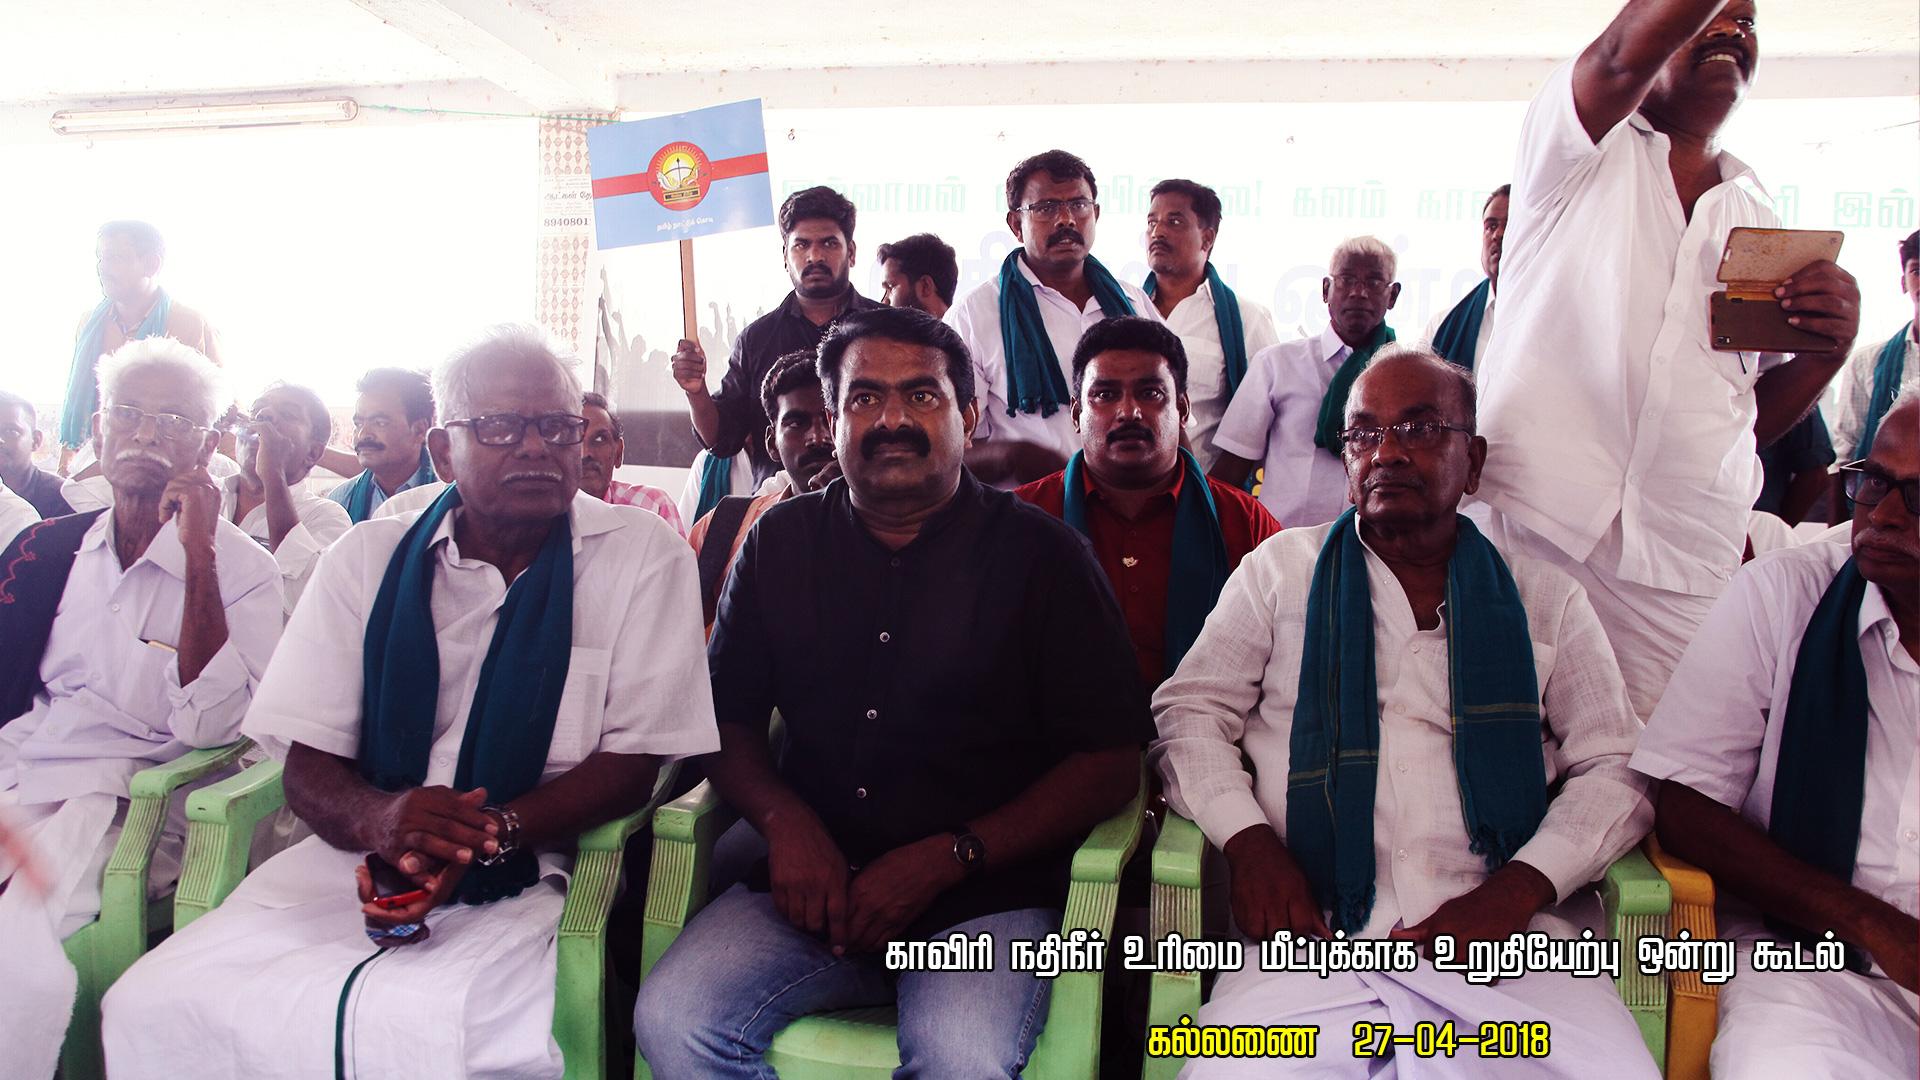 தமிழ்த்தேசியப் பேரியக்கத் தலைவர் பெ.மணியரசன் மீது மர்ம நபர்கள் தாக்குதல்: சீமான் கண்டனம் seeman condemns attack thamizh thesiya periyakka thalaivar pae maniyarsan